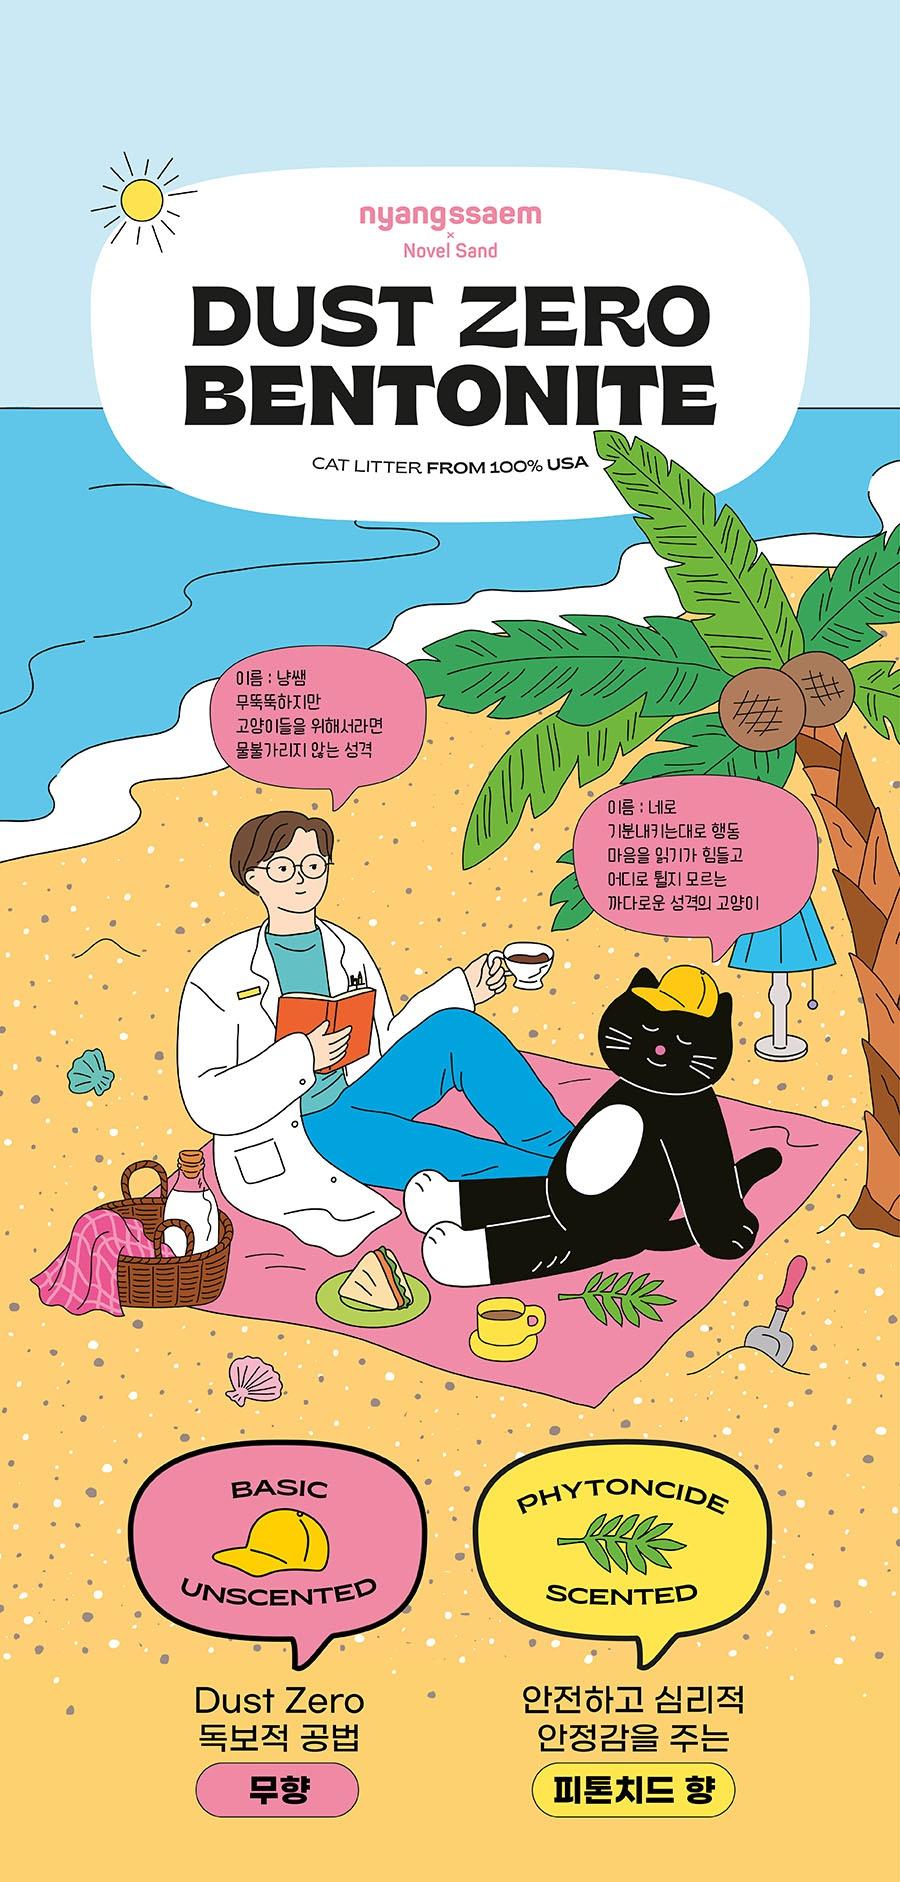 냥쌤 더스트제로 벤토나이트 모래 6kg (무향/피톤치드향)-상품이미지-4